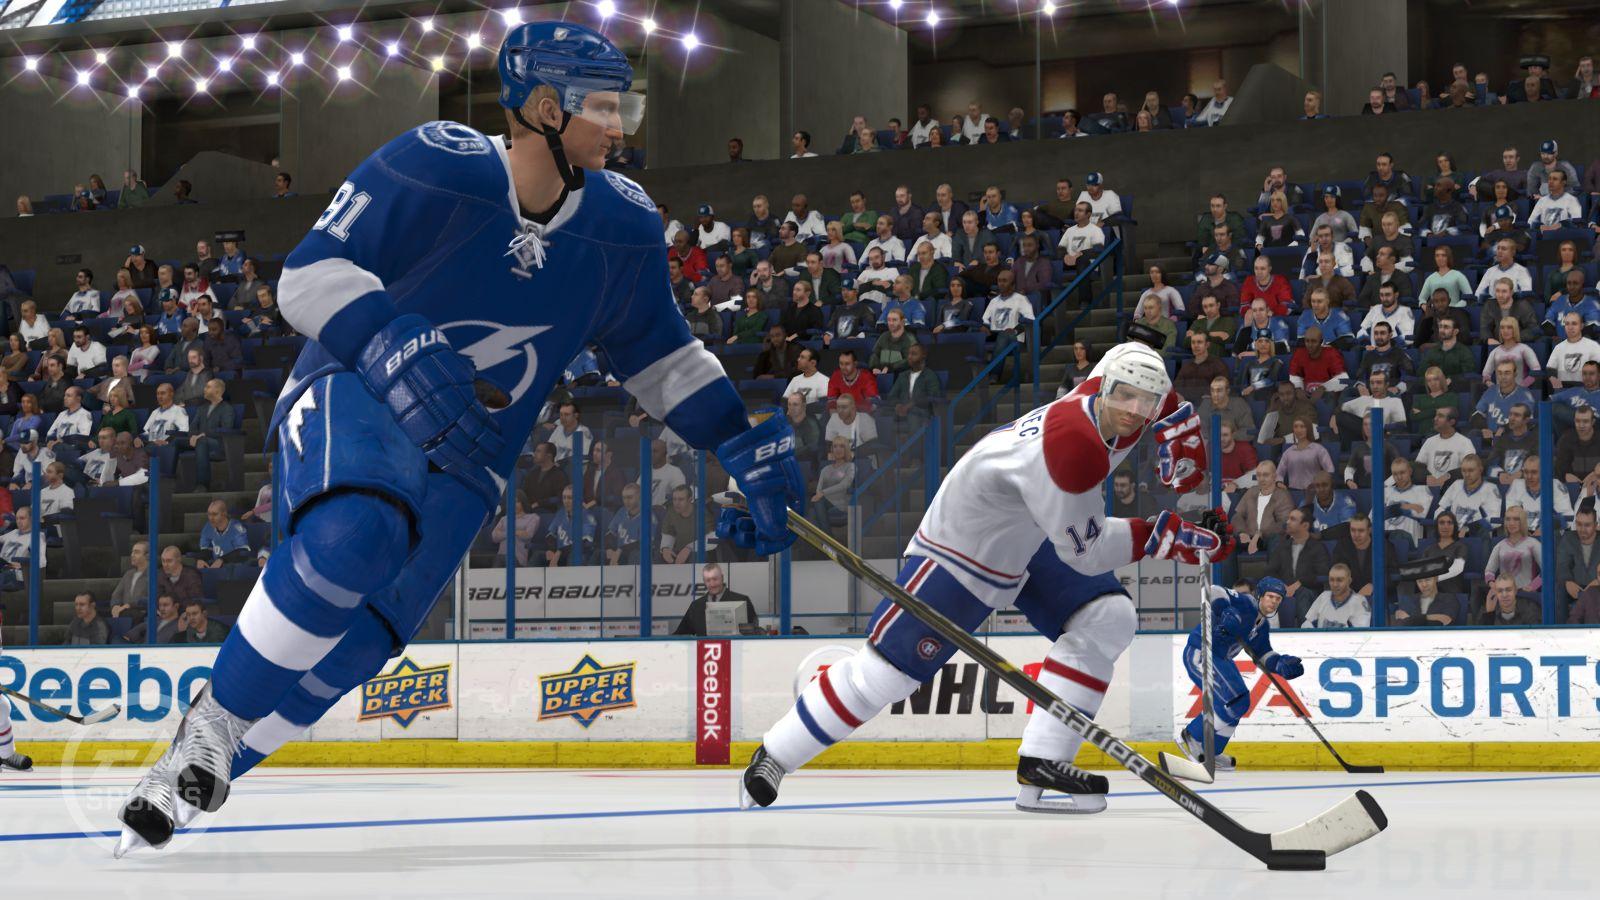 Tváří NHL 12 je Steven Stamkos 45419